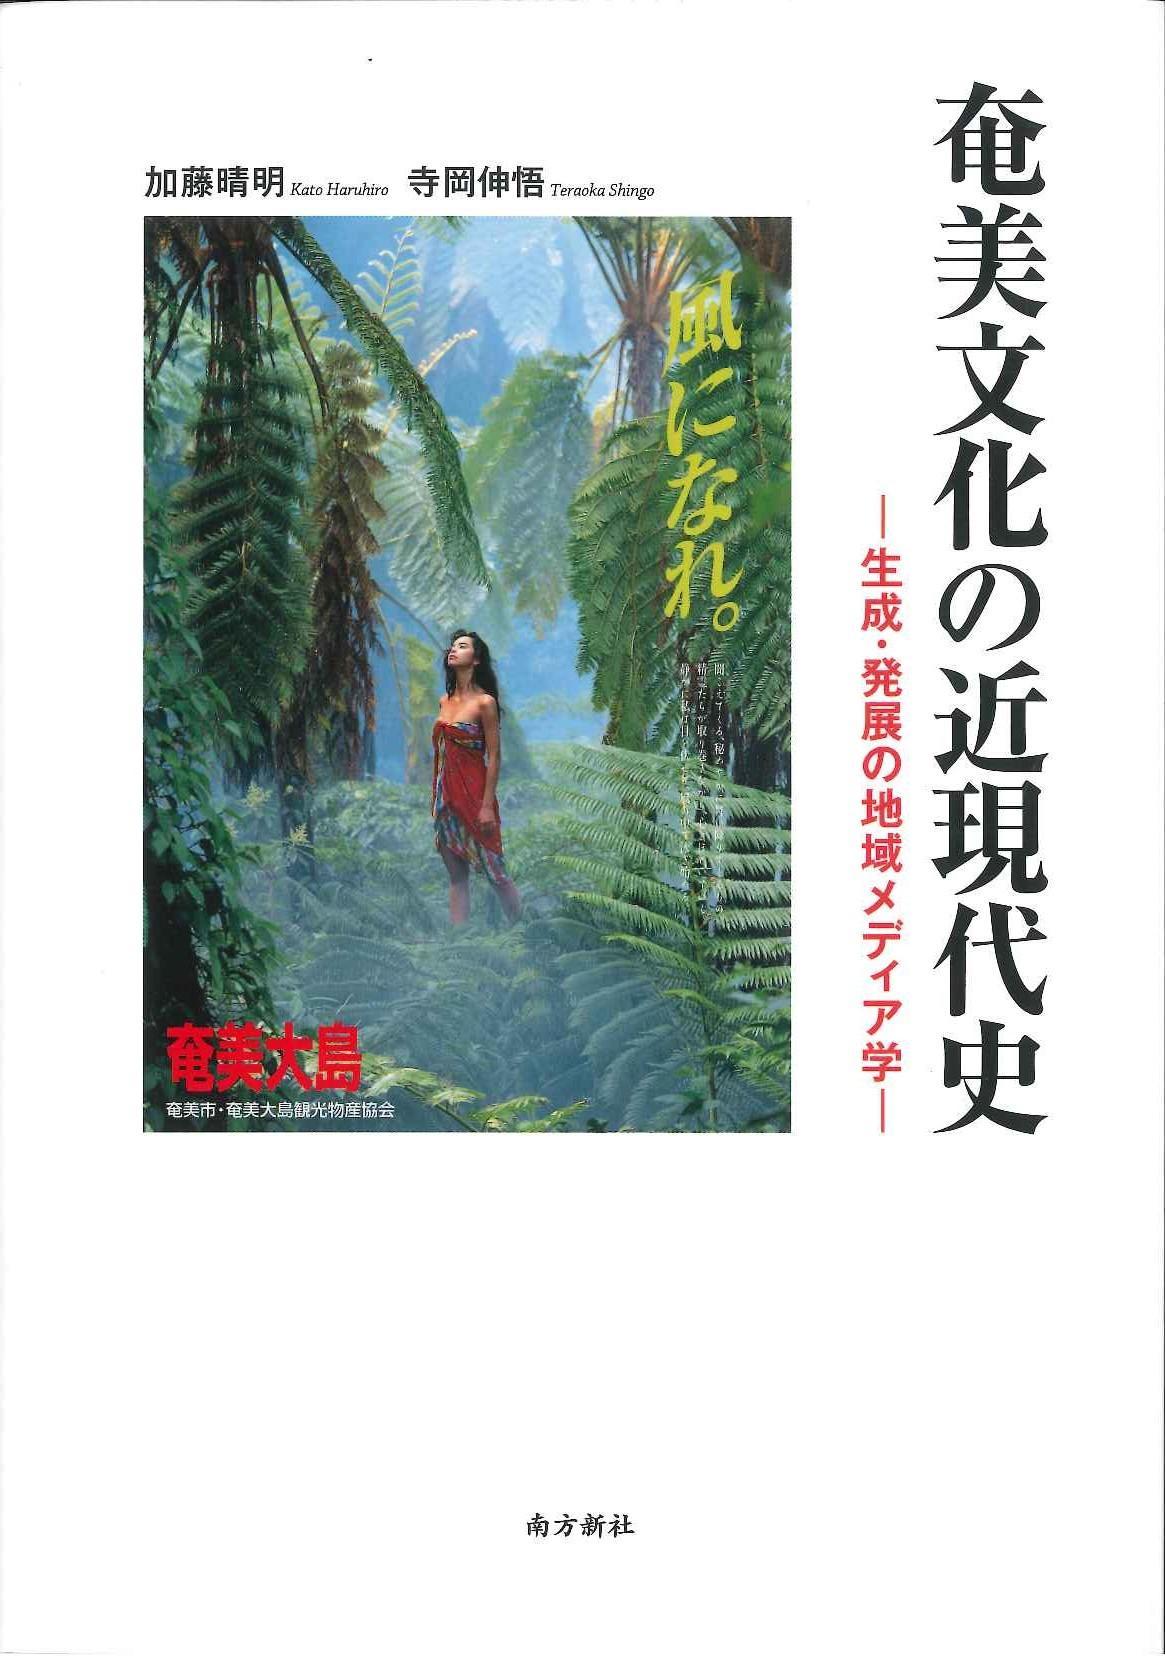 奄美文化の近現代史-生成・発展の地域メディア学-